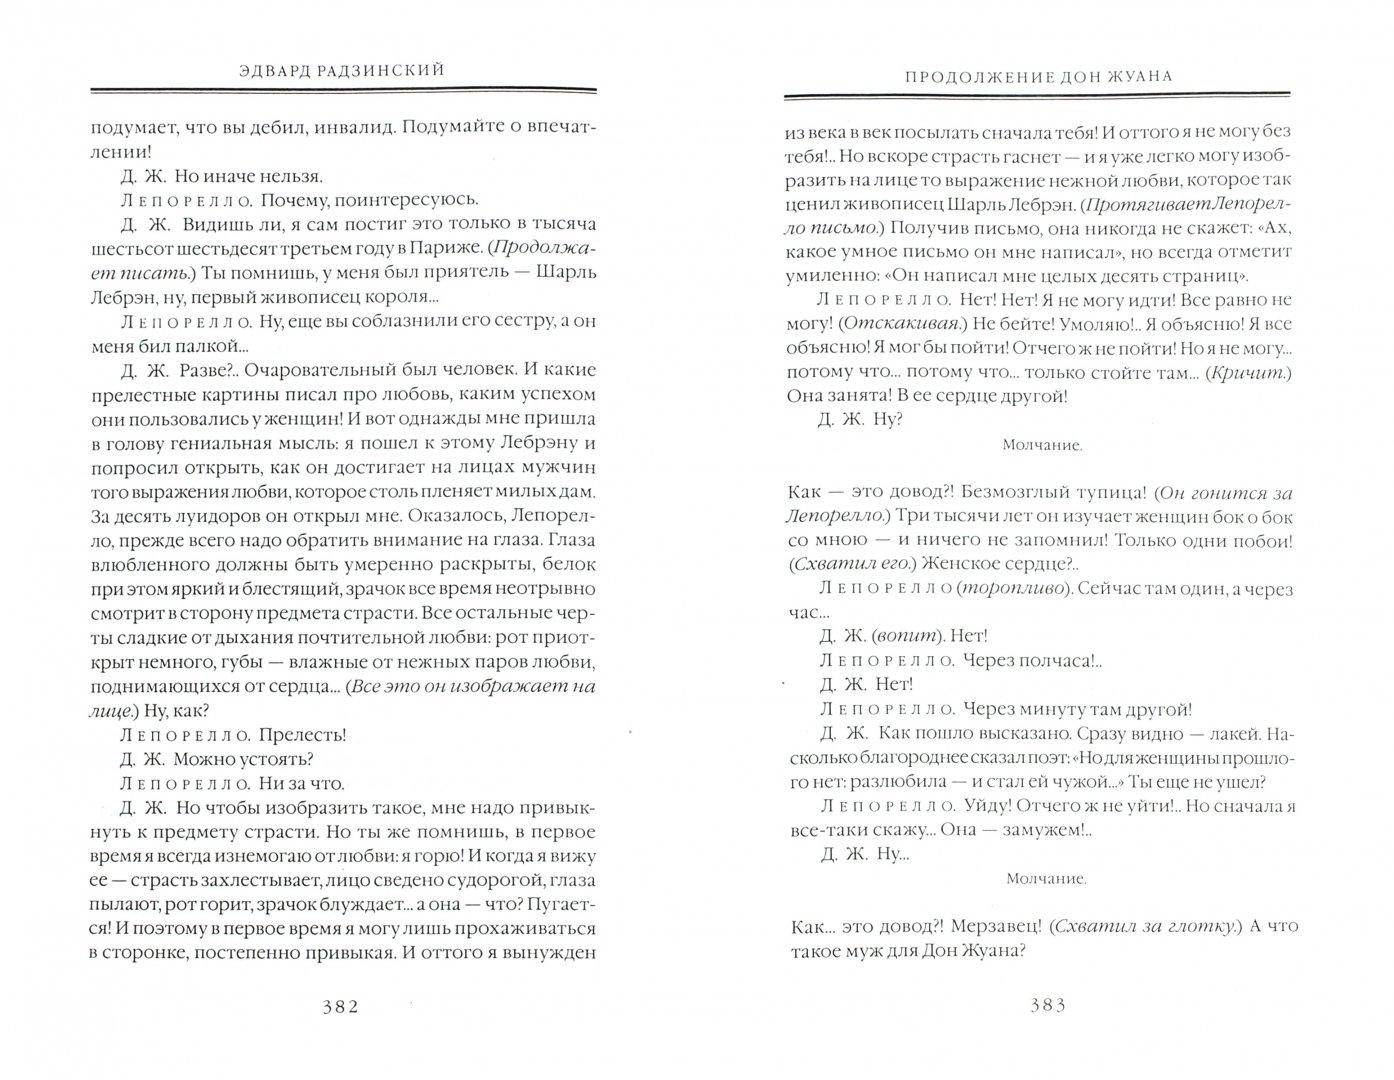 Иллюстрация 1 из 9 для Пьесы - Эдвард Радзинский | Лабиринт - книги. Источник: Лабиринт